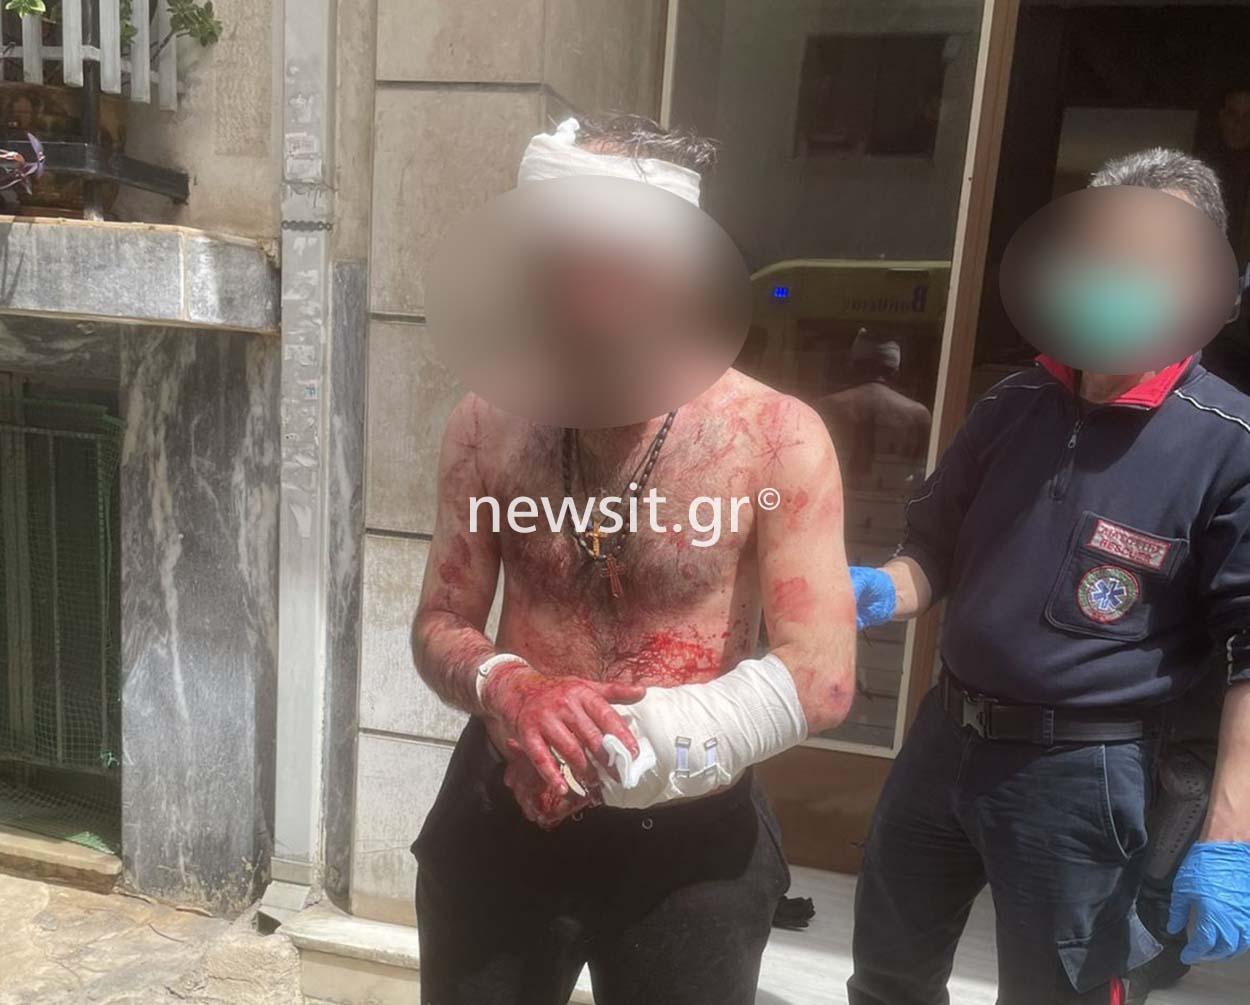 Πατήσια! Μαχαίρωσε τον αδερφό του, αυτοτραυματίστηκε και επιτέθηκε σε αστυνομικό